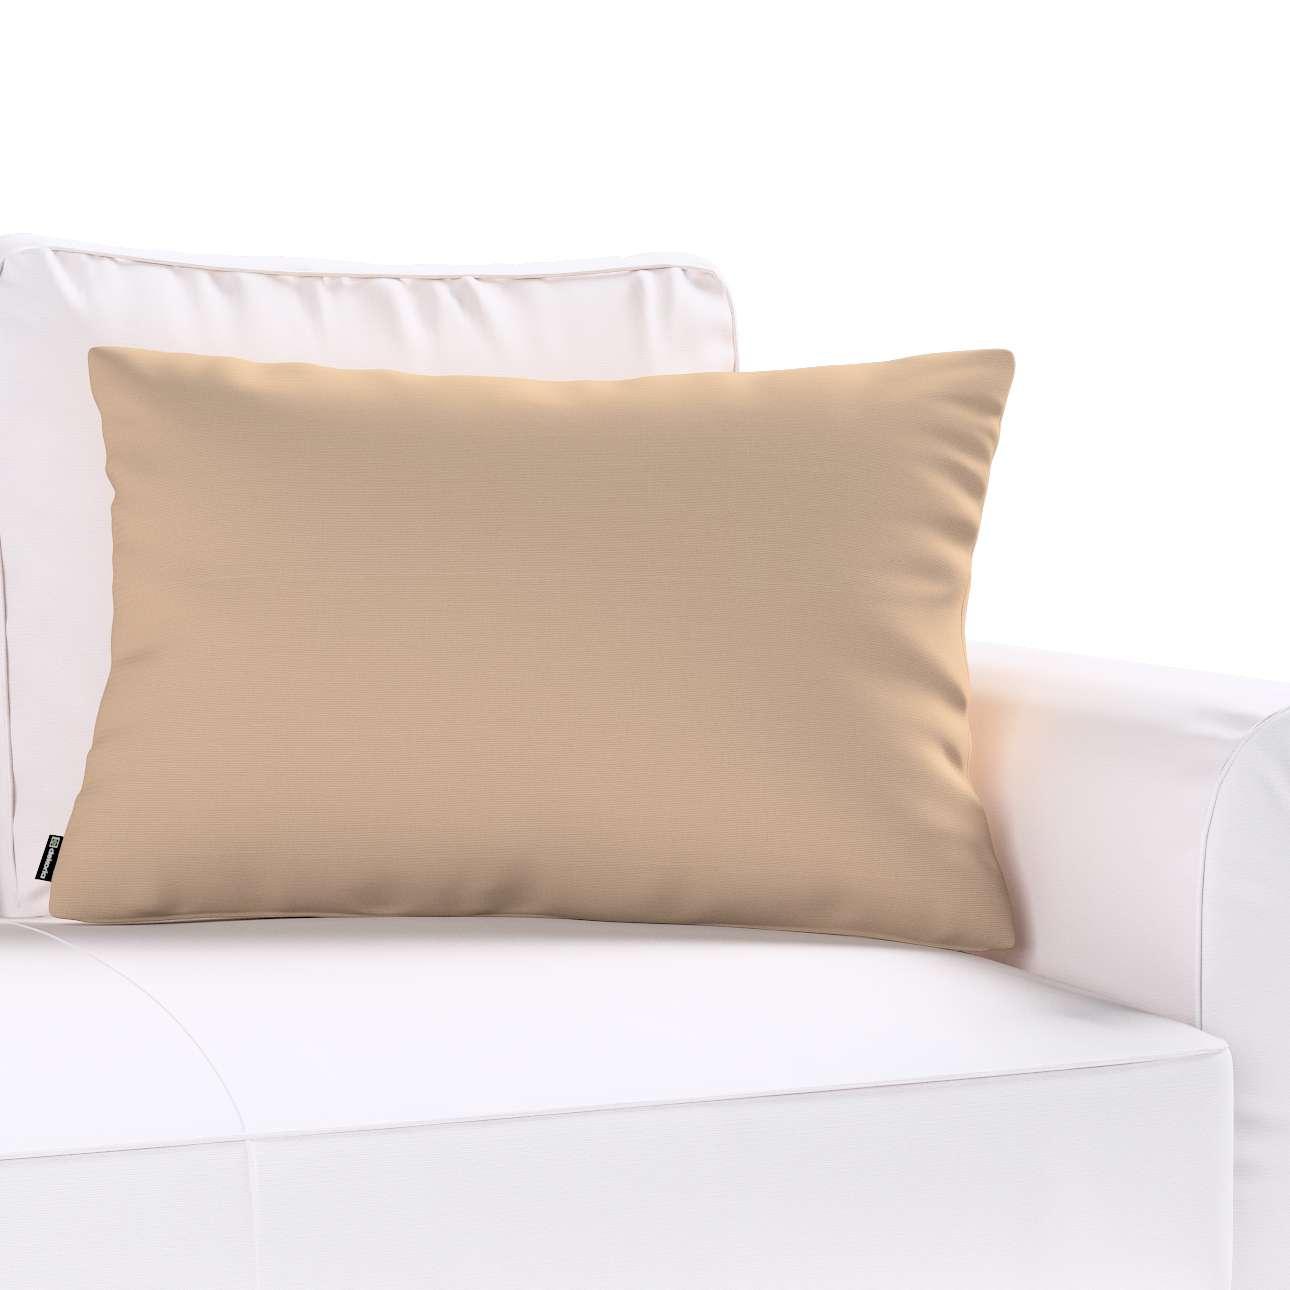 Poszewka Kinga na poduszkę prostokątną w kolekcji Cotton Panama, tkanina: 702-28